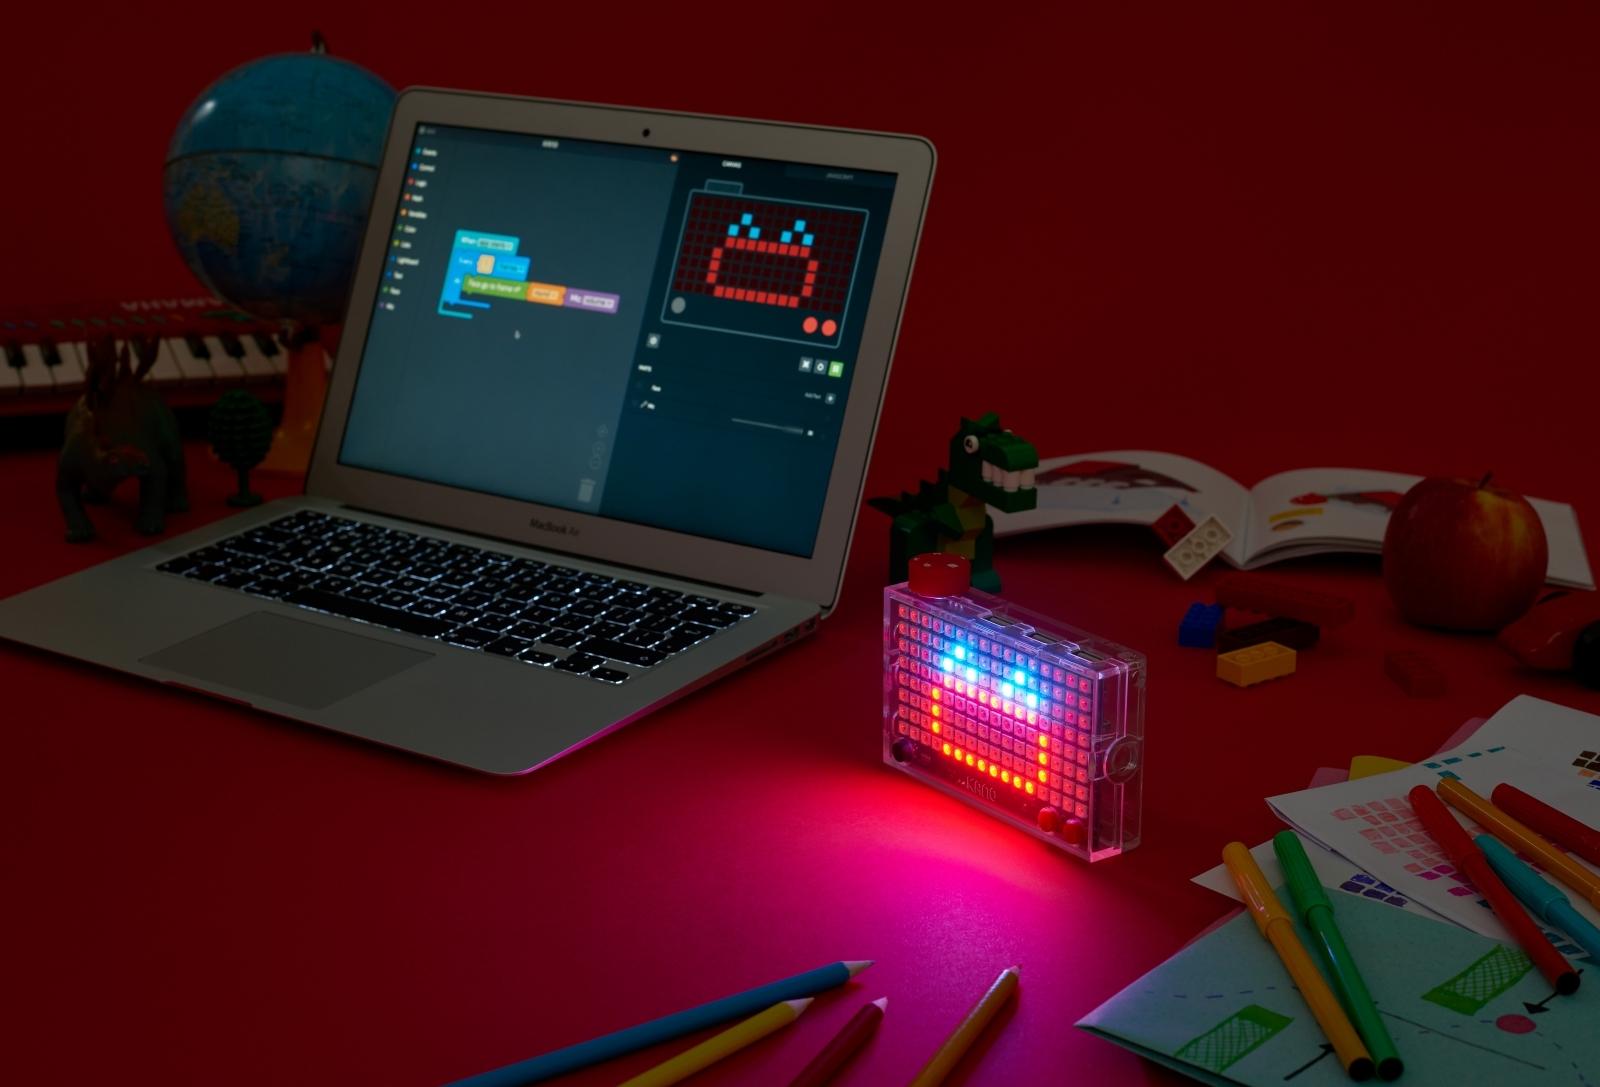 Kano Pixel Kit light-based computer